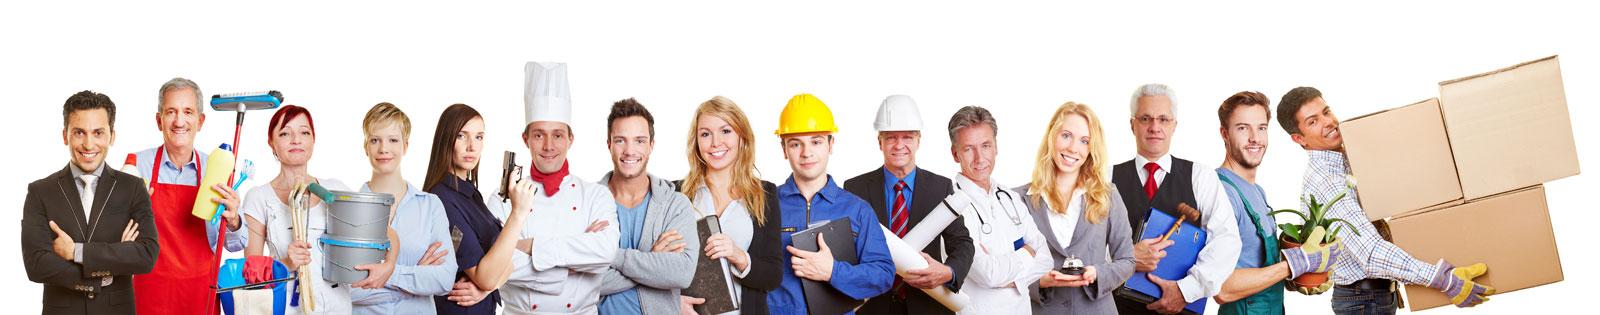 Personalvermittlung & Jobangebote